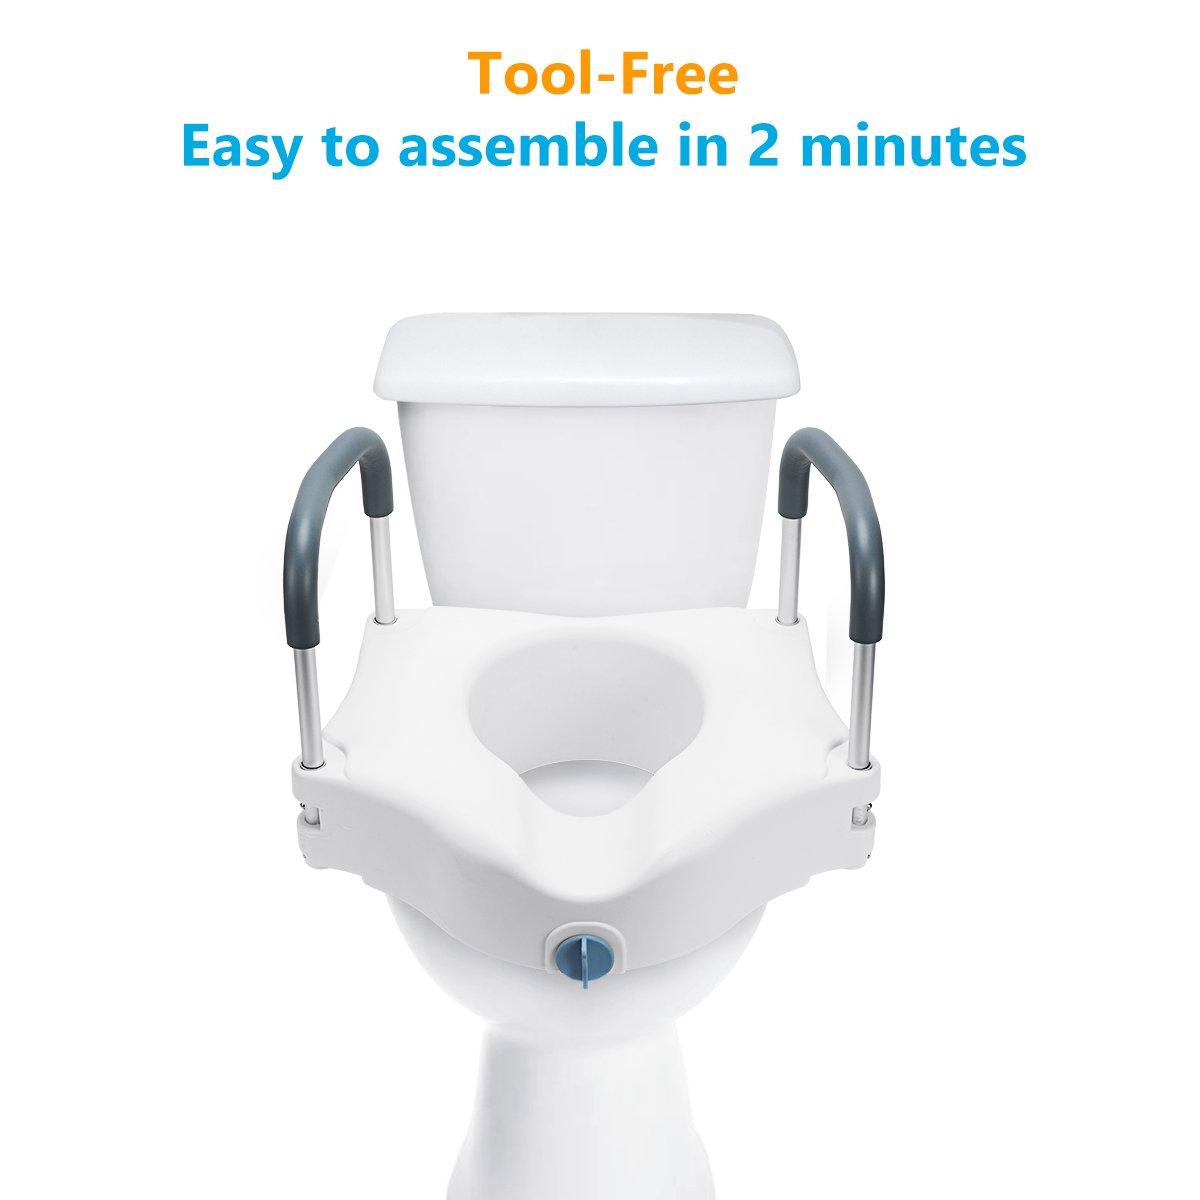 Amazon.com: OasisSpace - Asiento de inodoro elevado, con ...